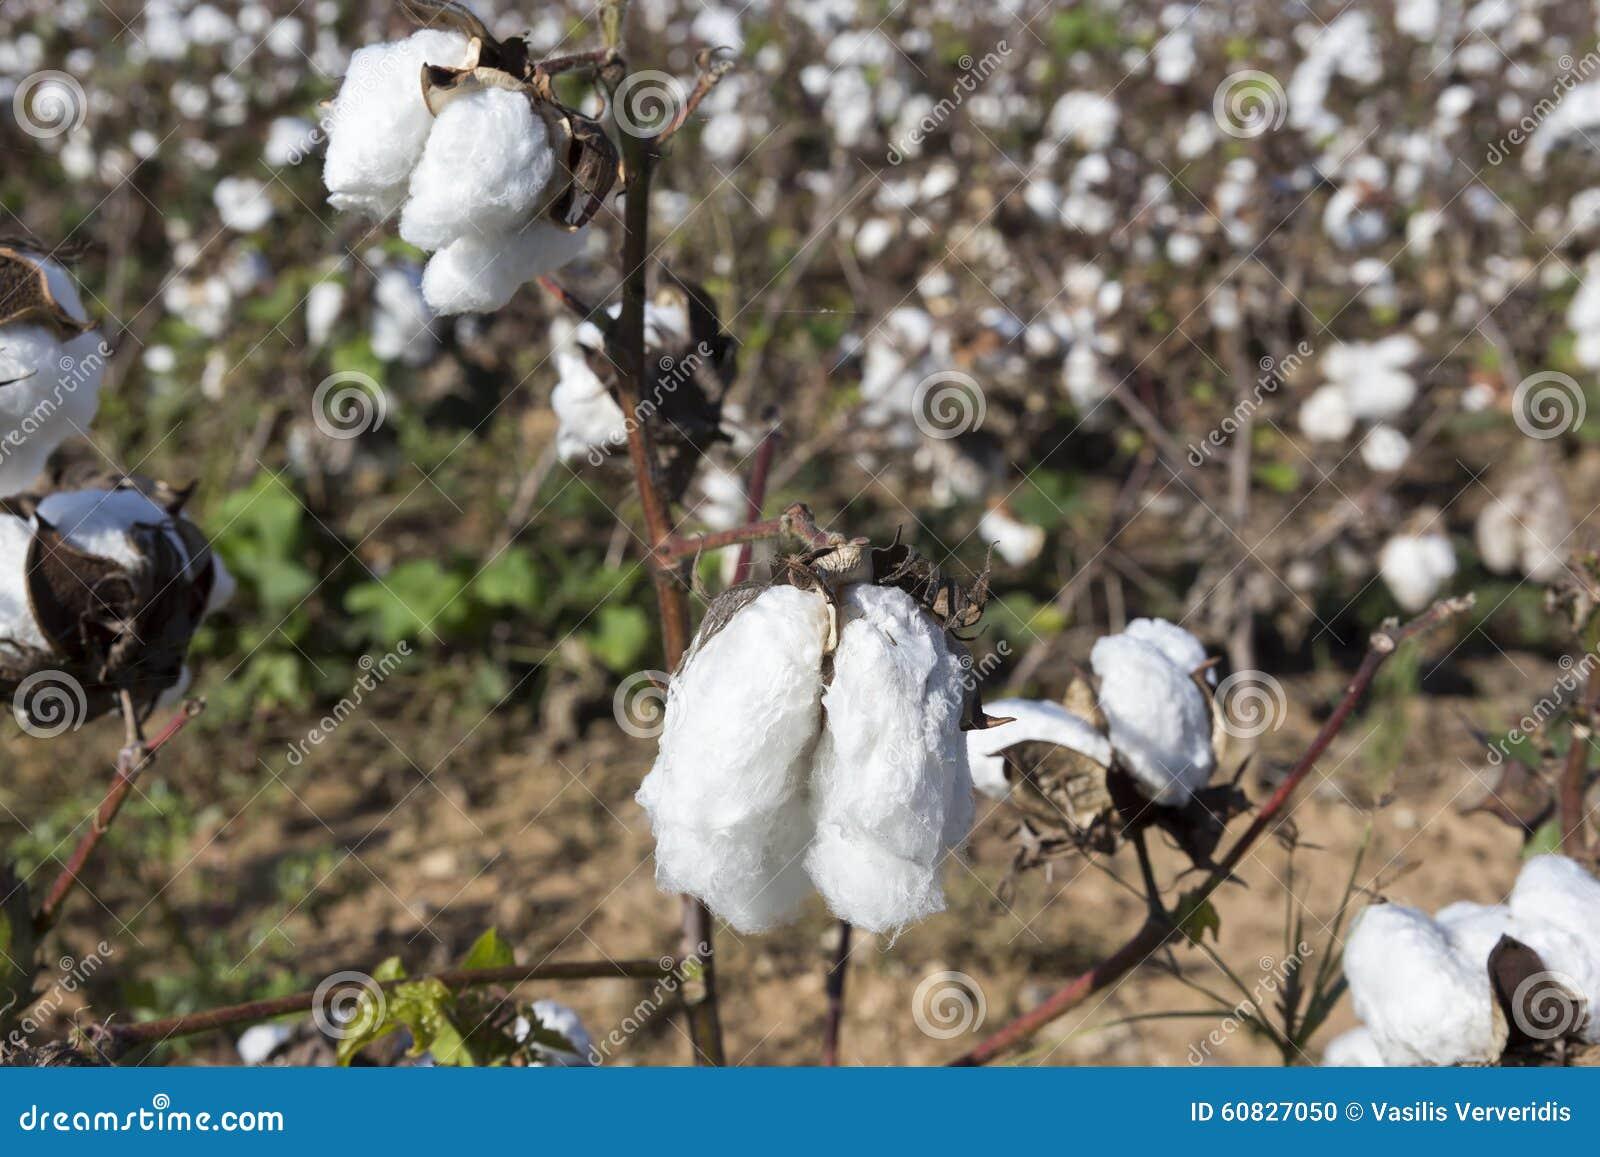 El algodón coloca blanco con el algodón maduro listo para cosechar